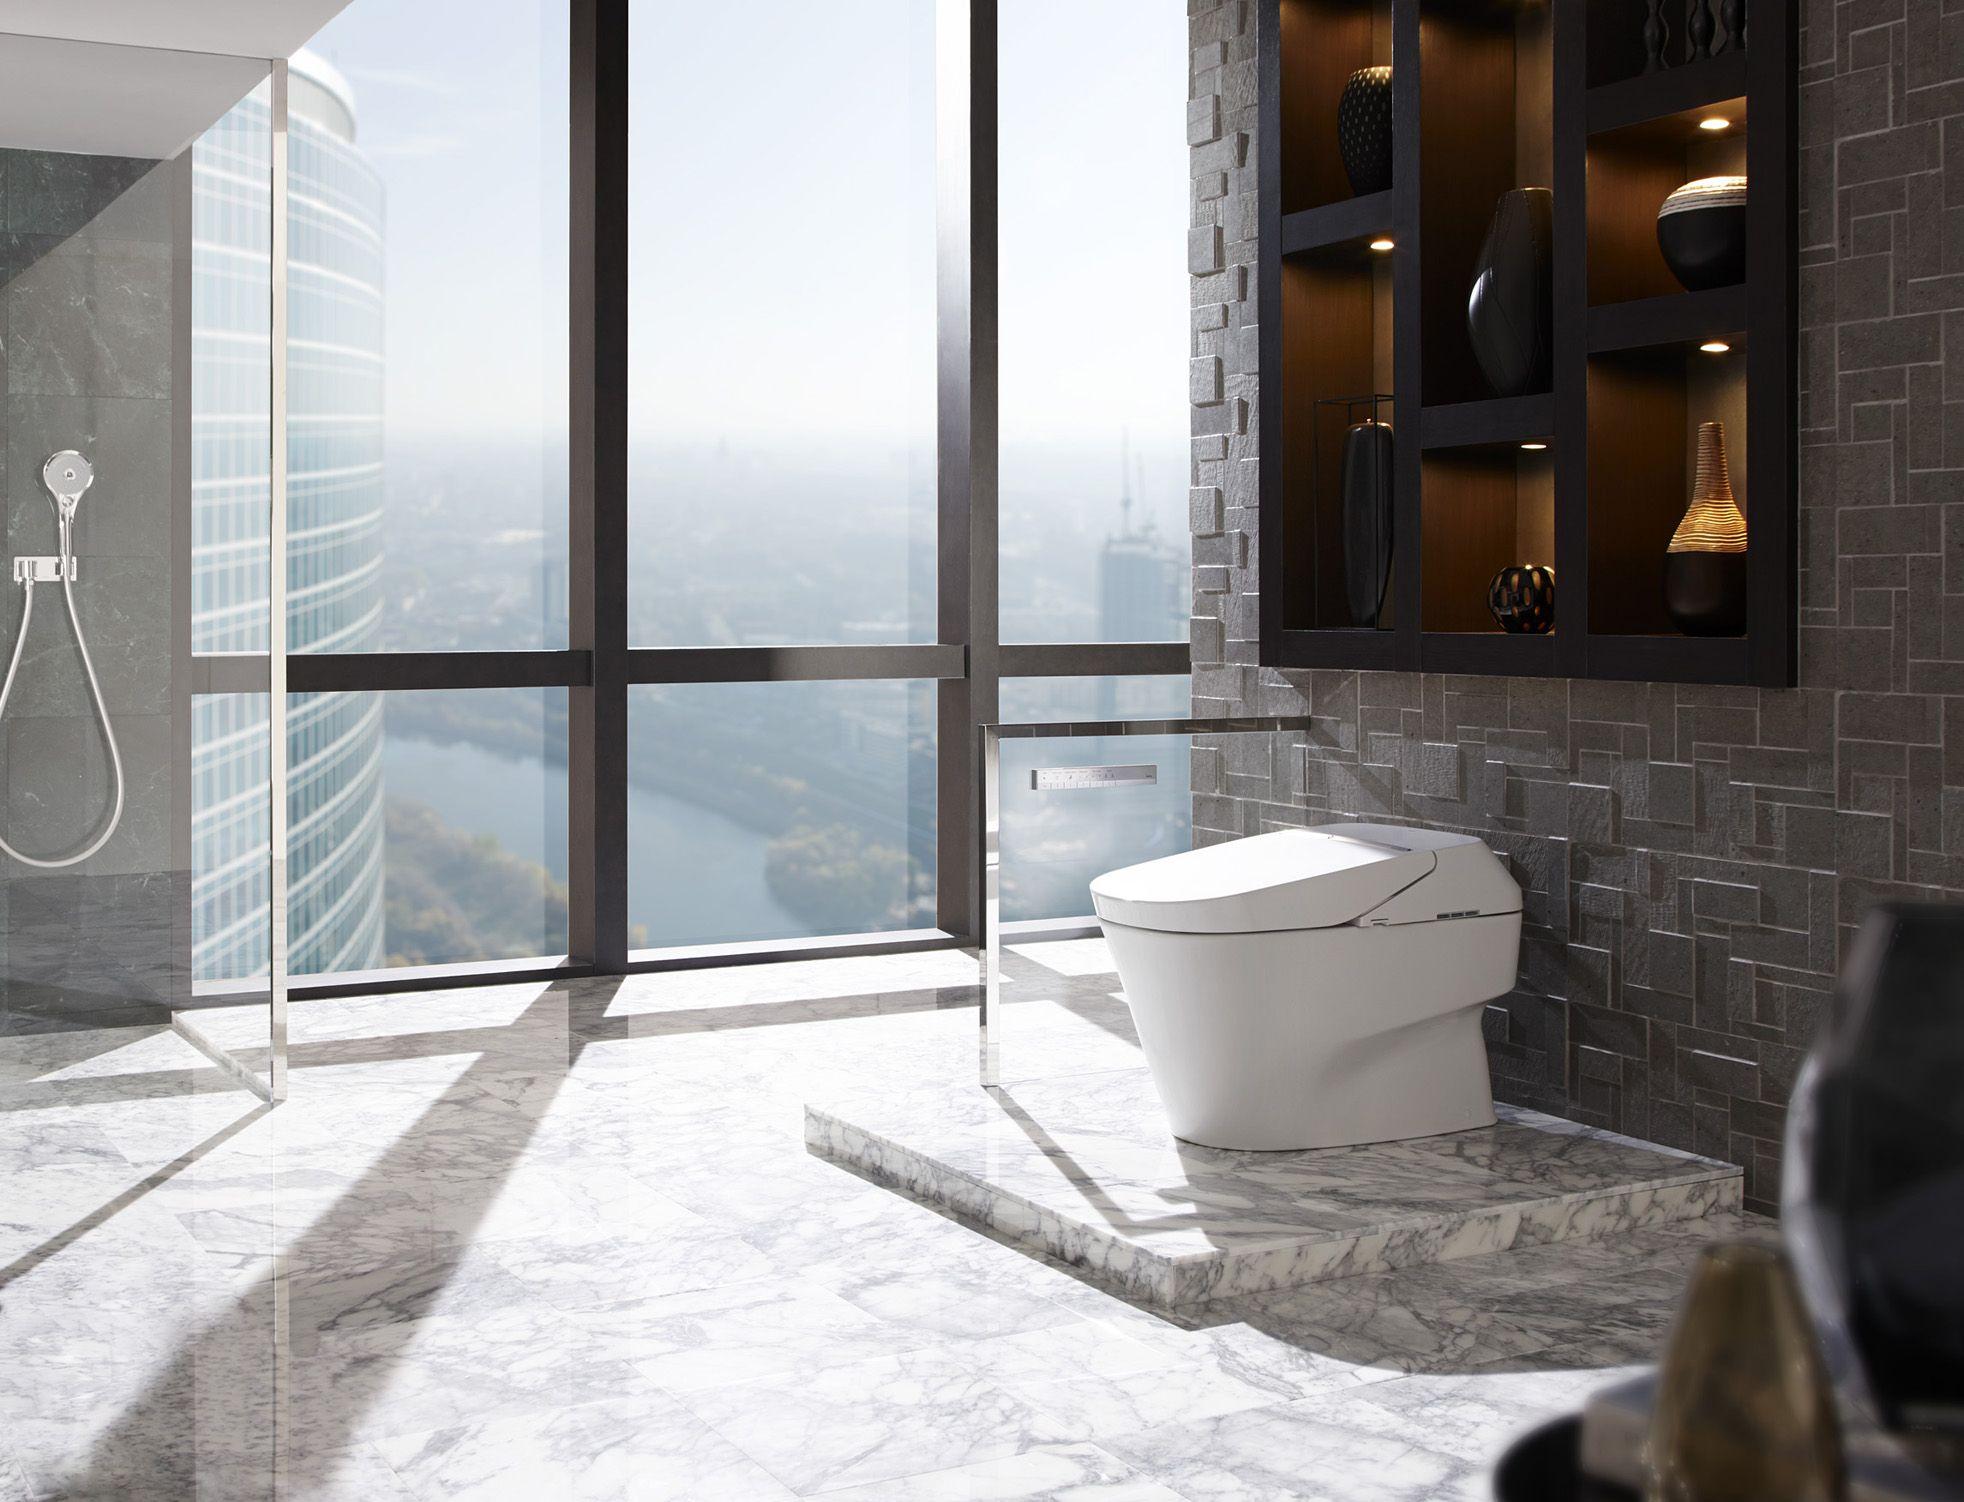 Marvelous Badezimmer Design By Toto Mit Boden Bis Zur Decke Windows 10 Erstaunliche Bad Design Von Toto Kinderbett Dream Bathrooms Smart Toilet Toto Toilet